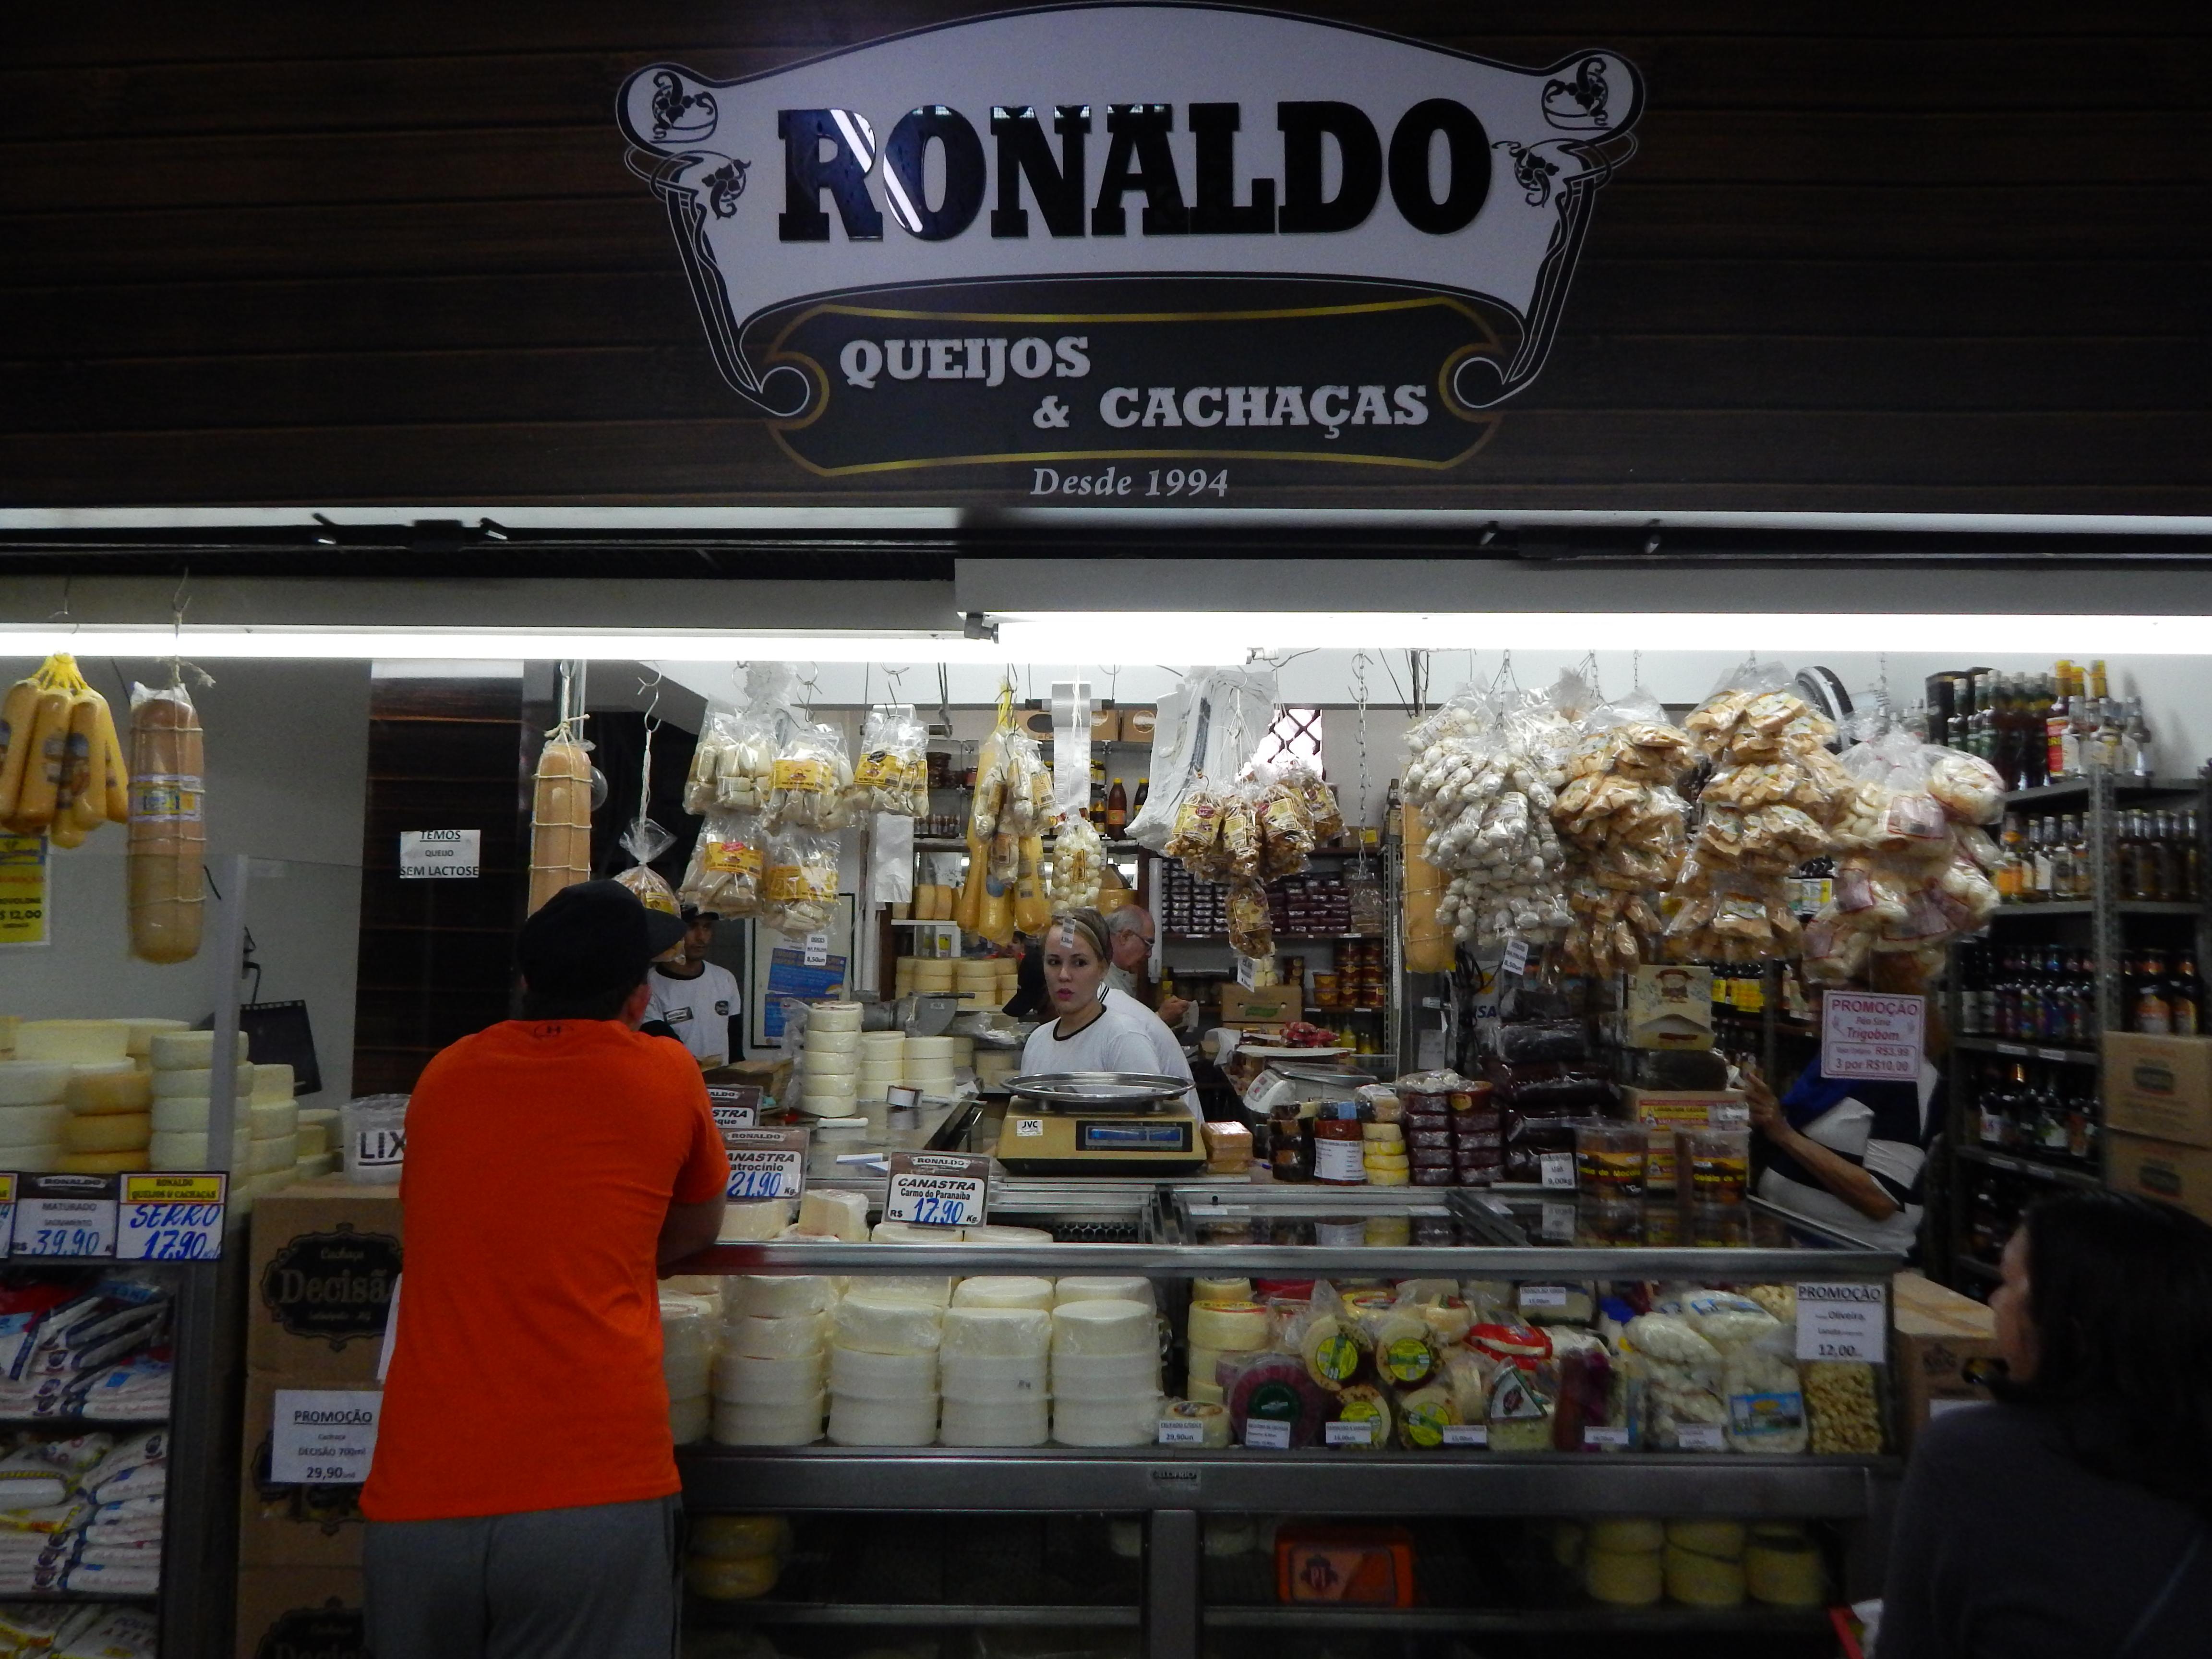 DSCN0035 1 - 10 locais legais para visitar no Mercado Central de BH